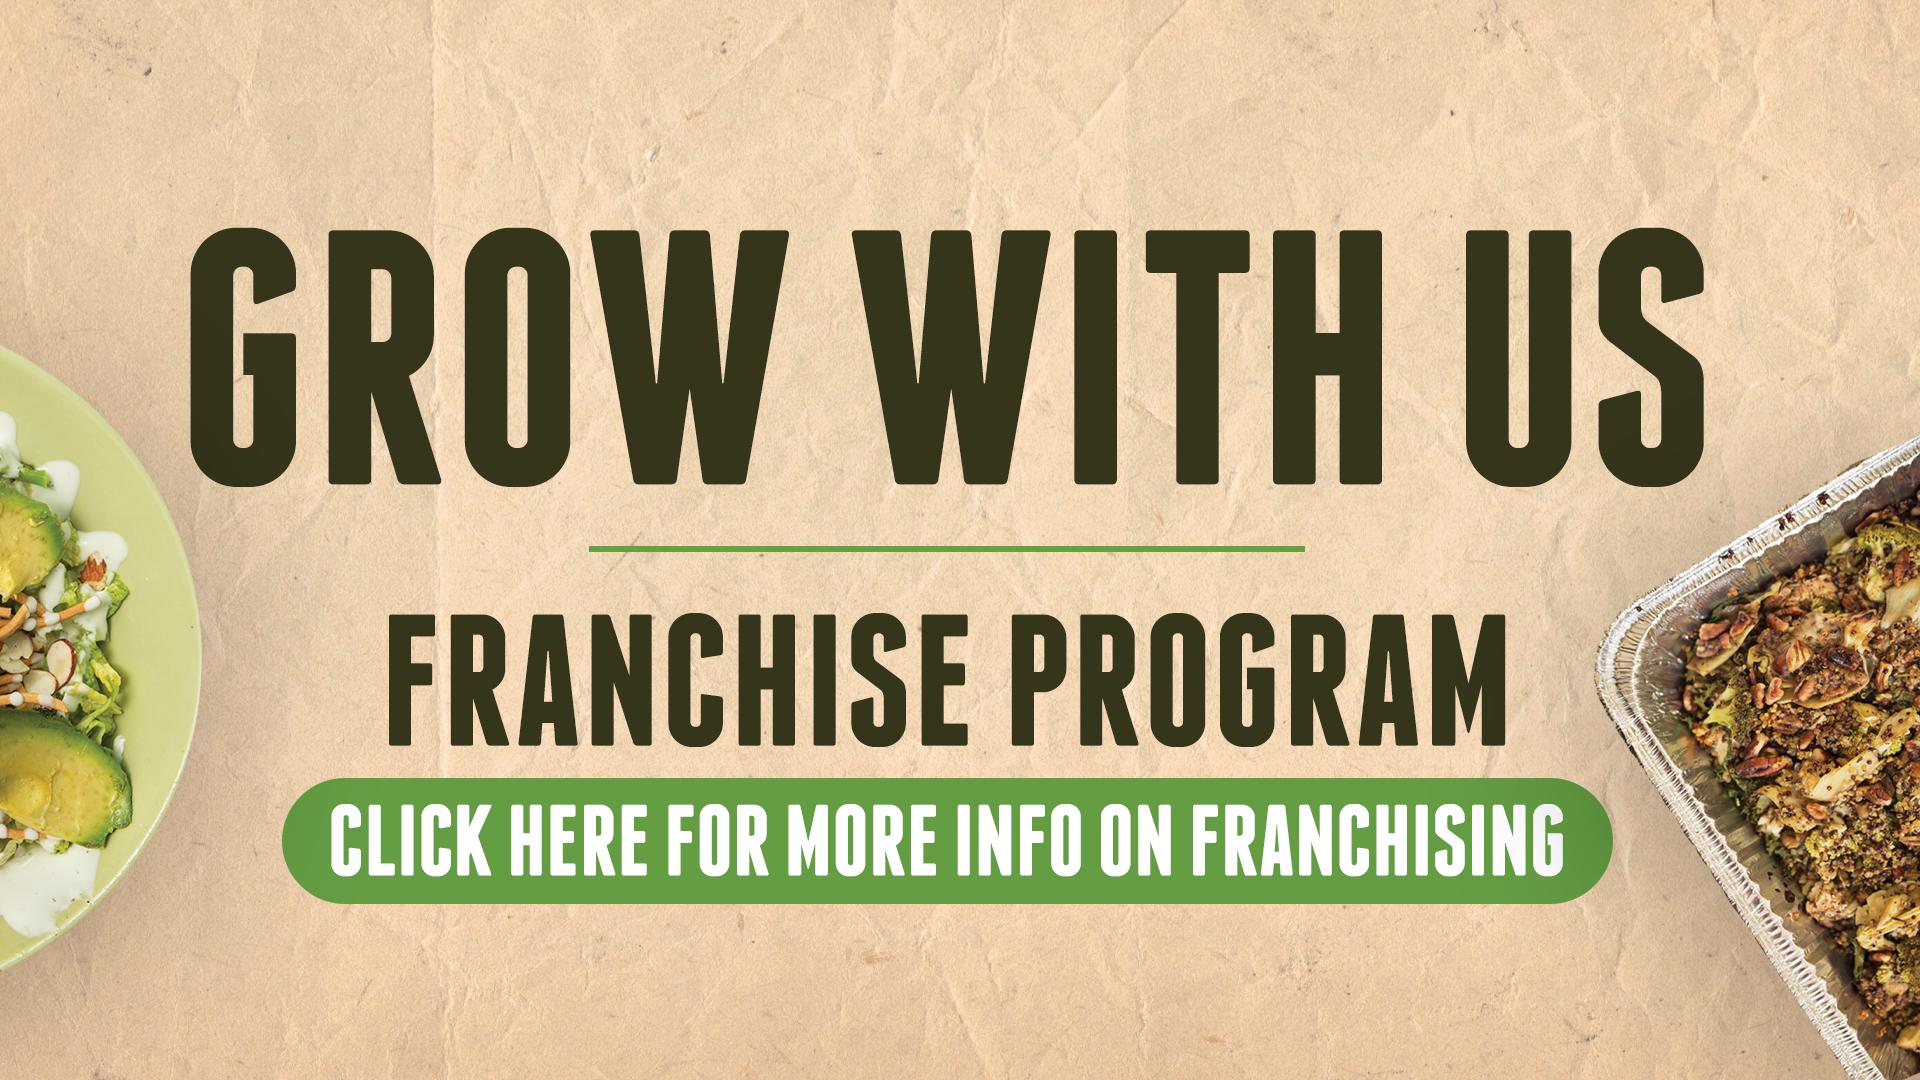 franchise-website